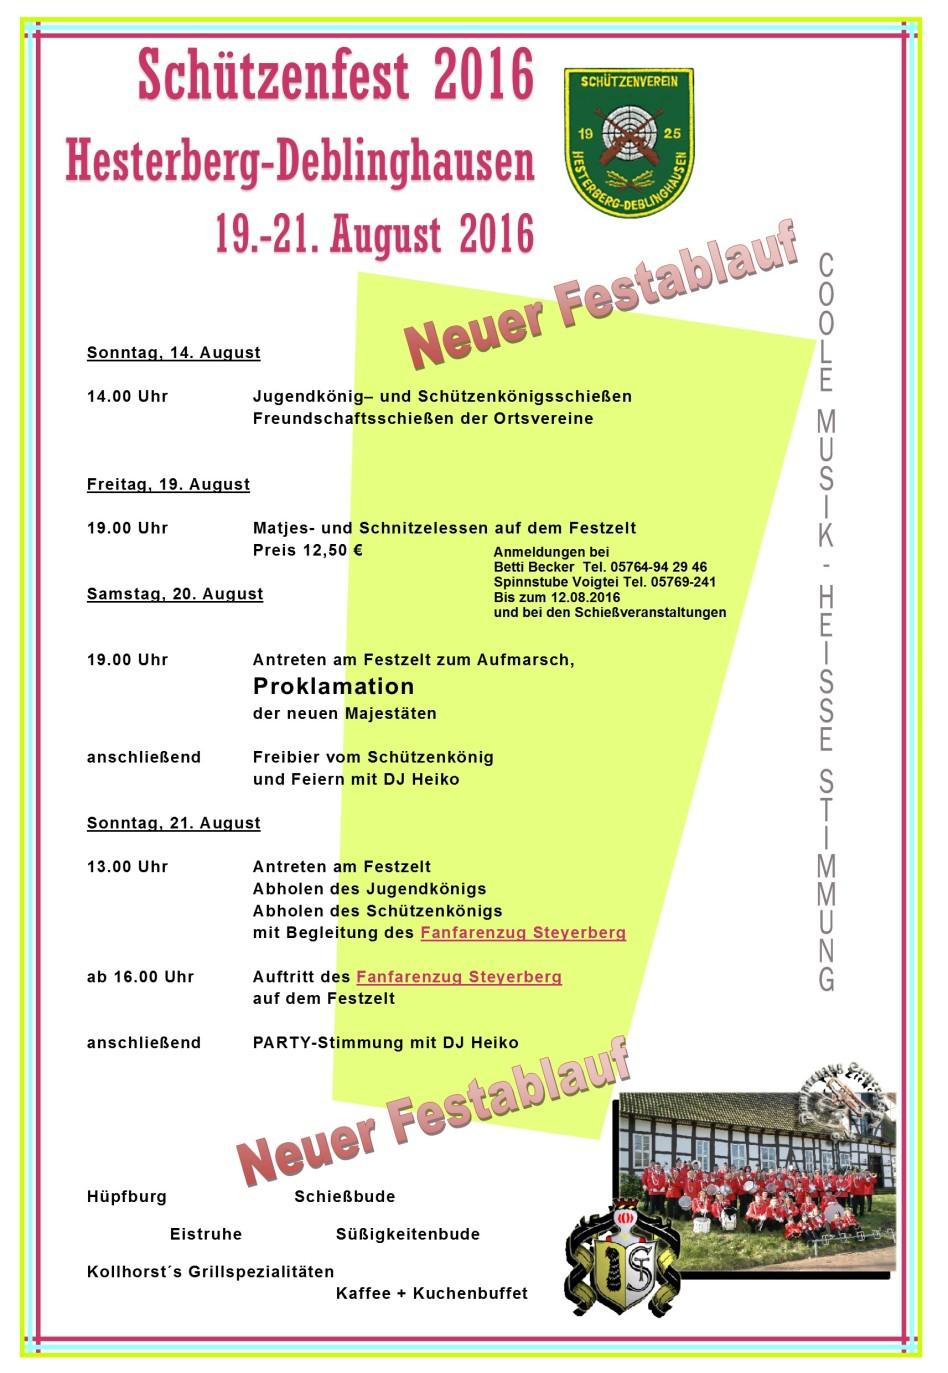 Programm Schützenfest_2016_2